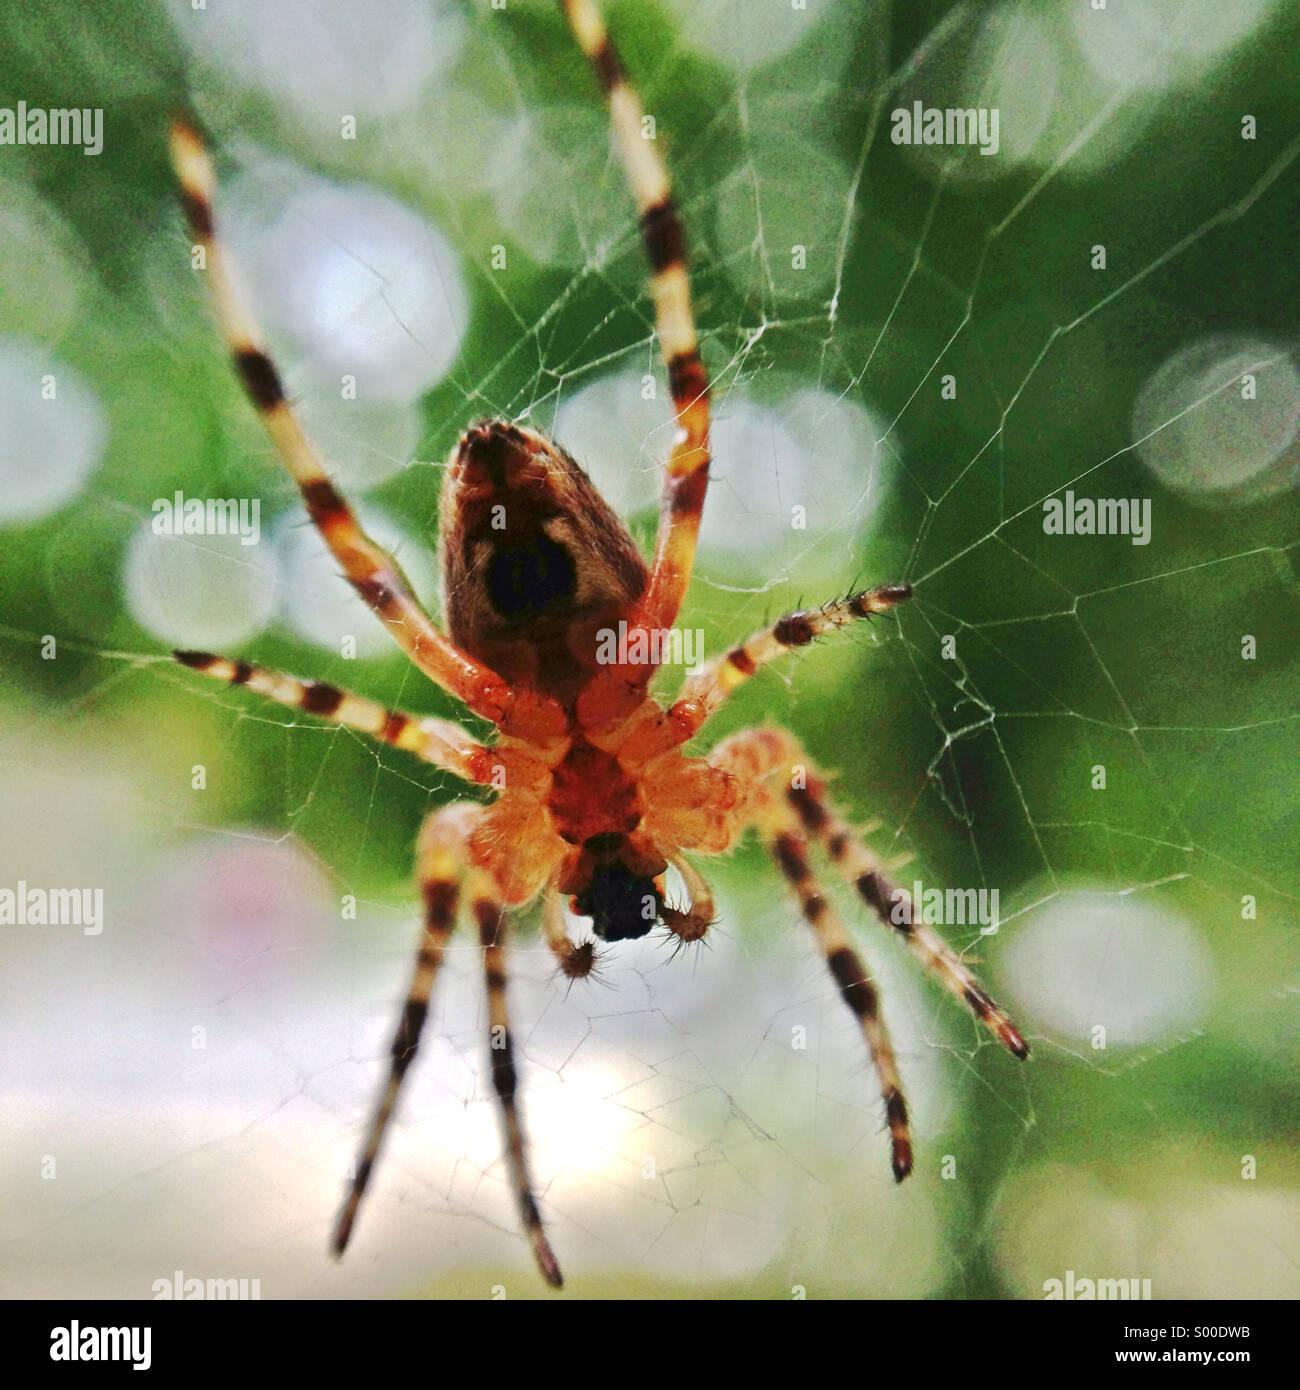 Spinne eine Web machen. Stockbild